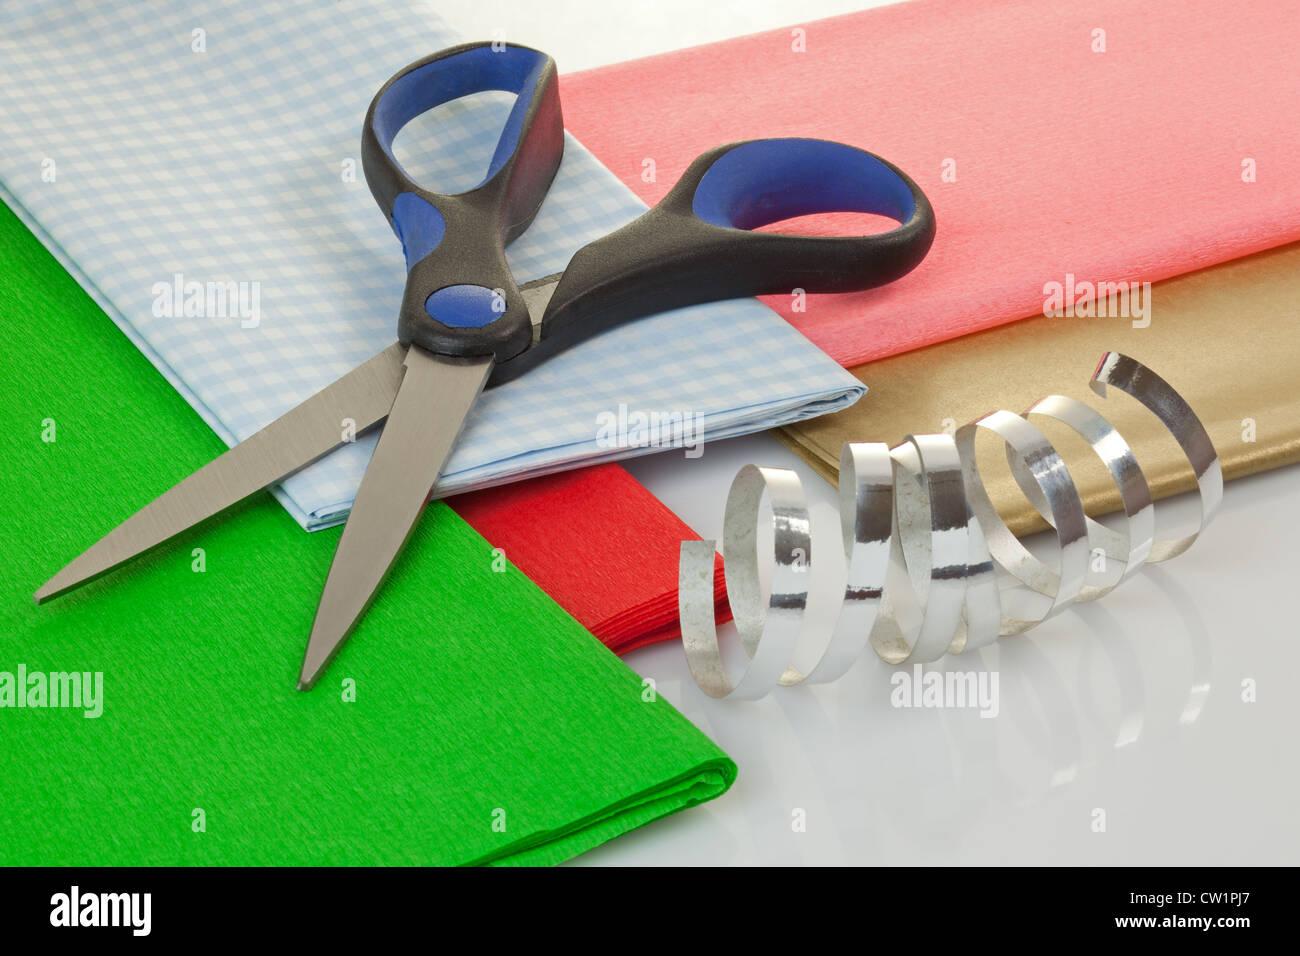 Ciseaux, papier d'emballage et ruban sur une table Photo Stock